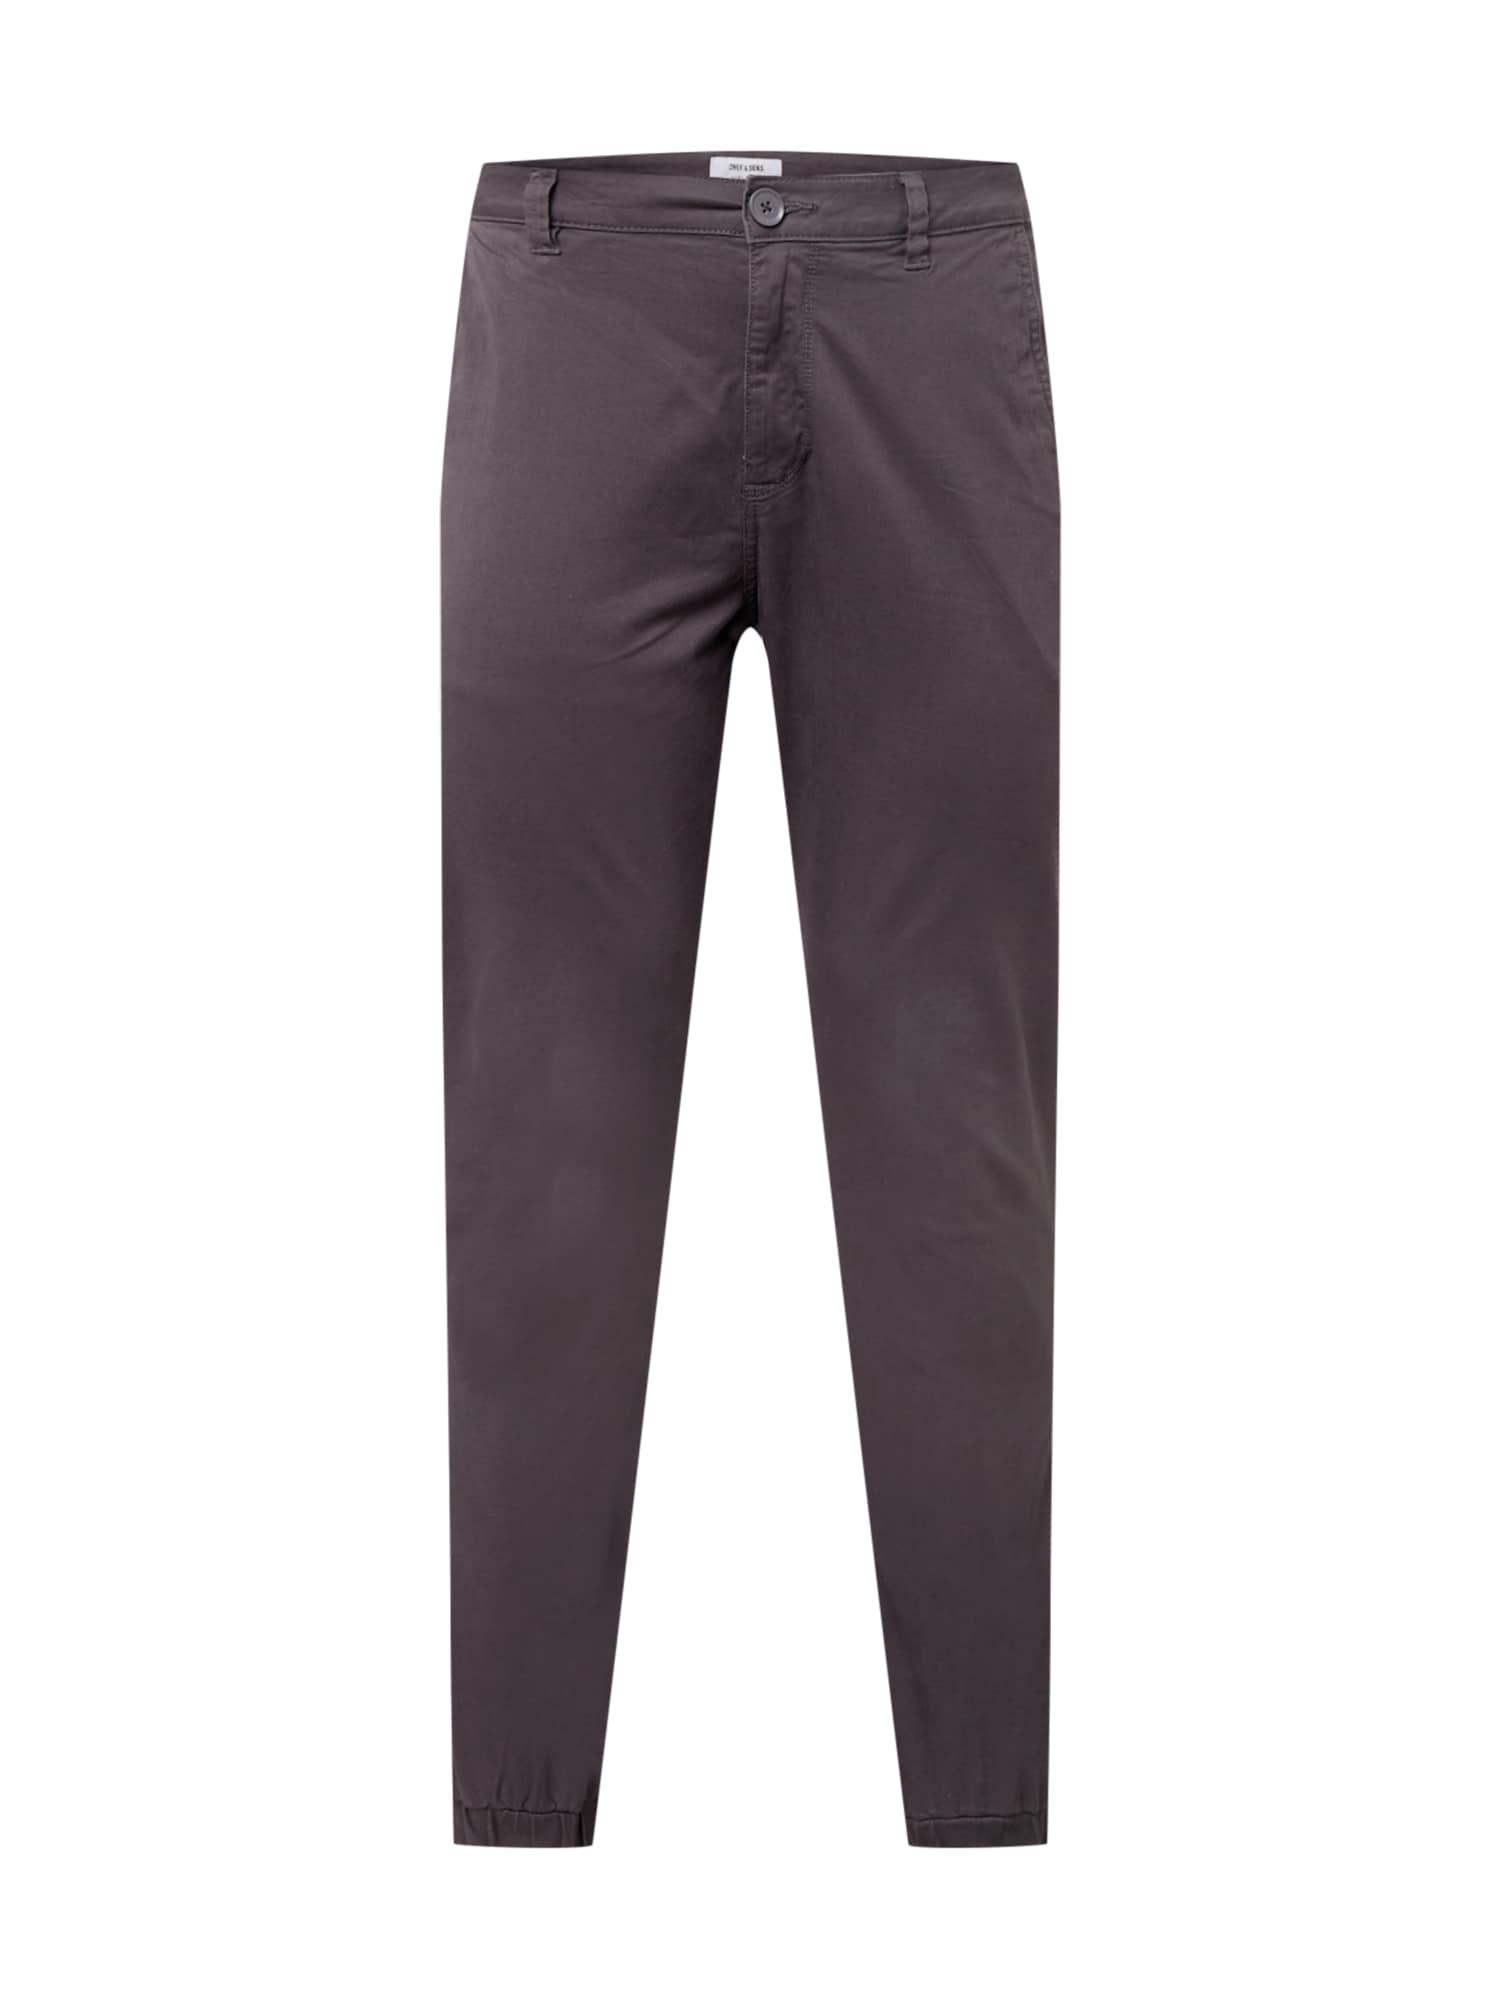 Only & Sons Chino kalhoty 'CAM'  barvy bláta